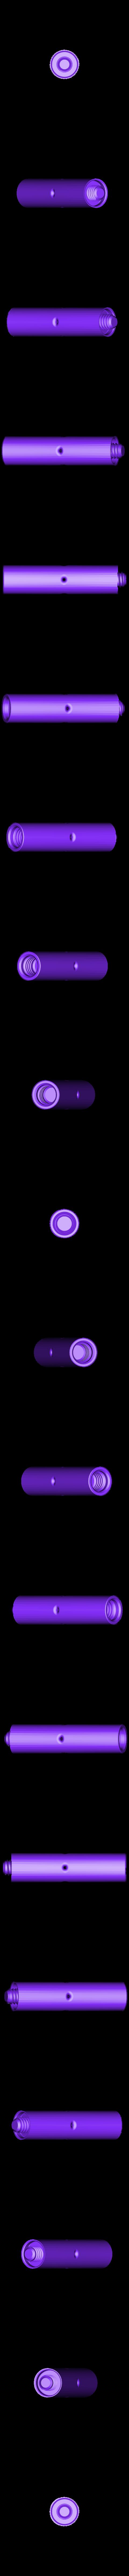 110mm_SmallRod.STL Télécharger fichier STL gratuit Le porte-bobine universel - Page principale • Design pour imprimante 3D, Balkhagal4D